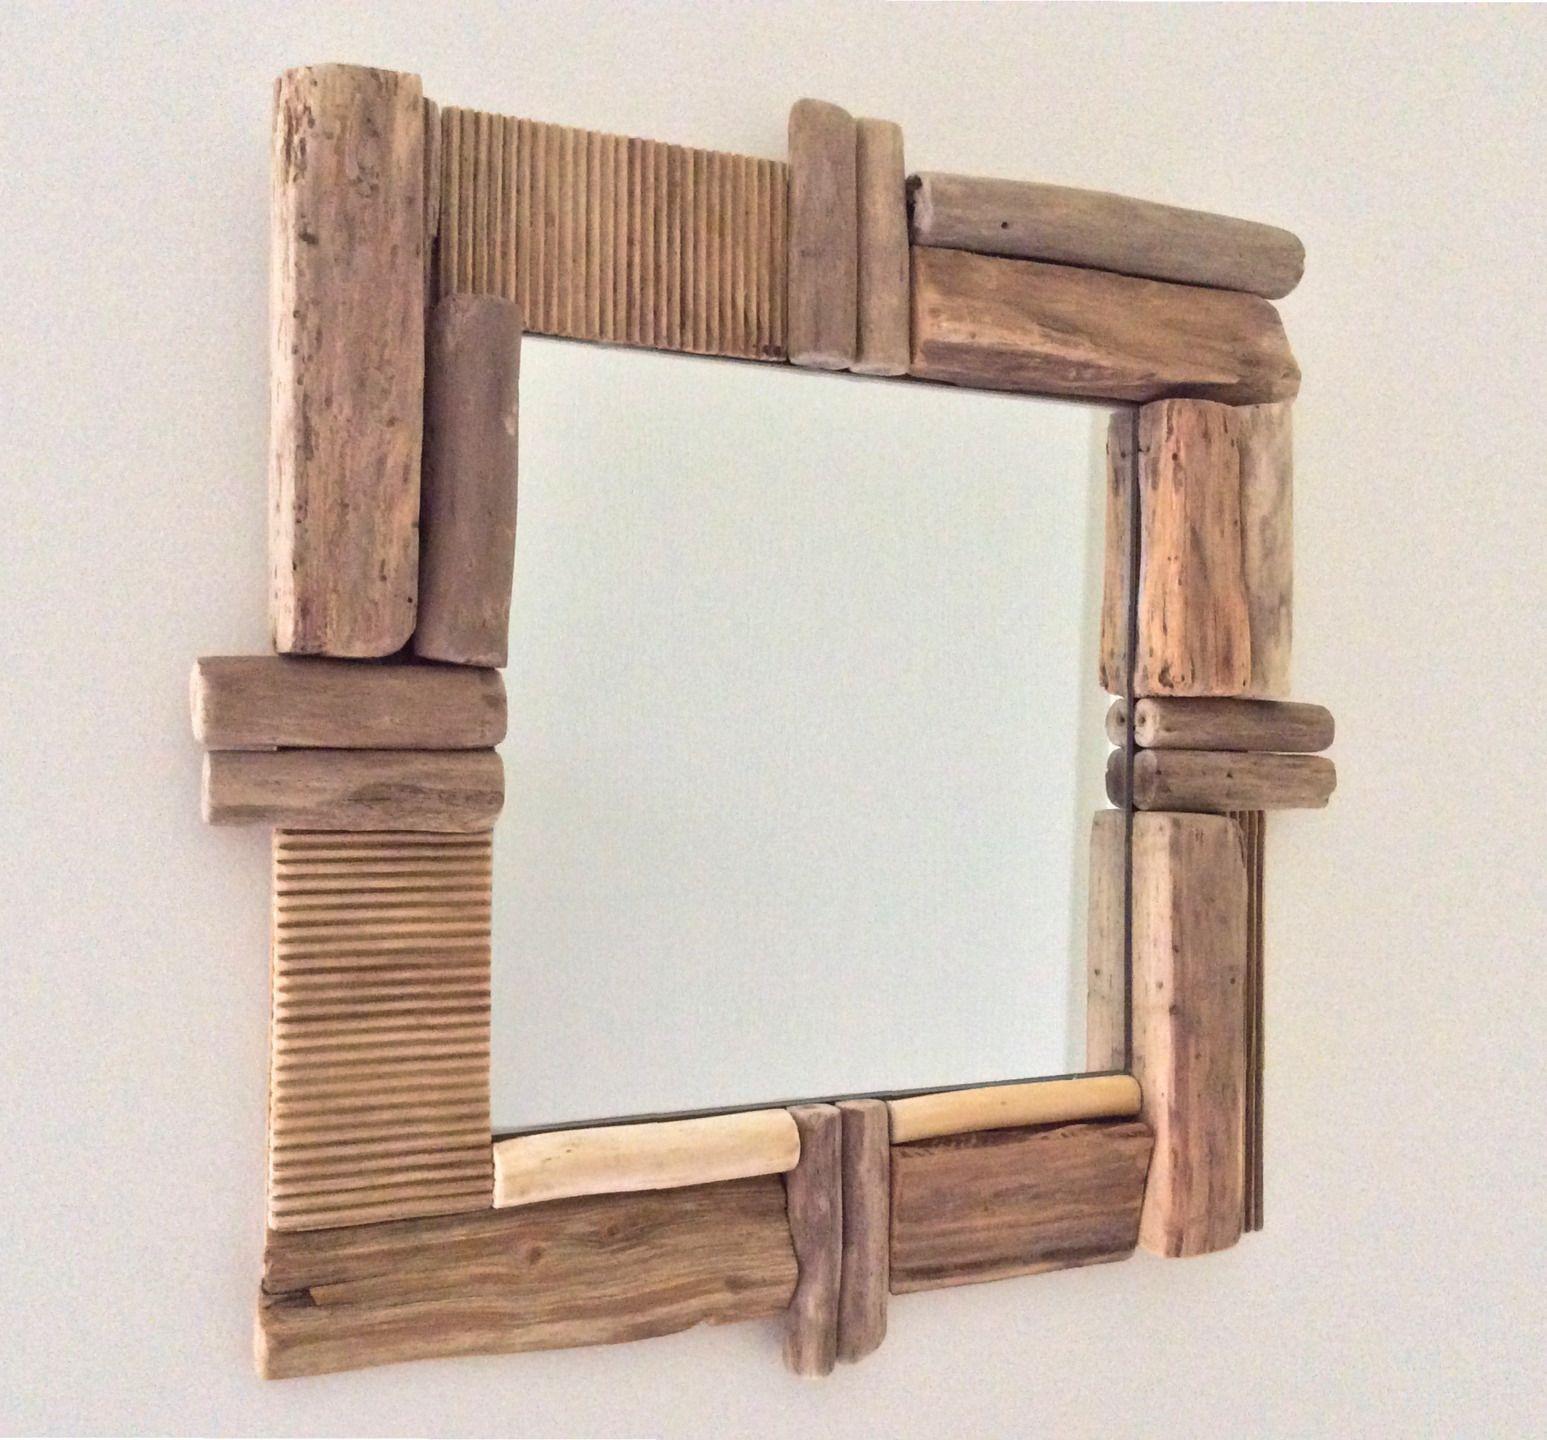 miroir en bois flott par l 39 atelier de corinne d corations murales par atelier de corinne. Black Bedroom Furniture Sets. Home Design Ideas